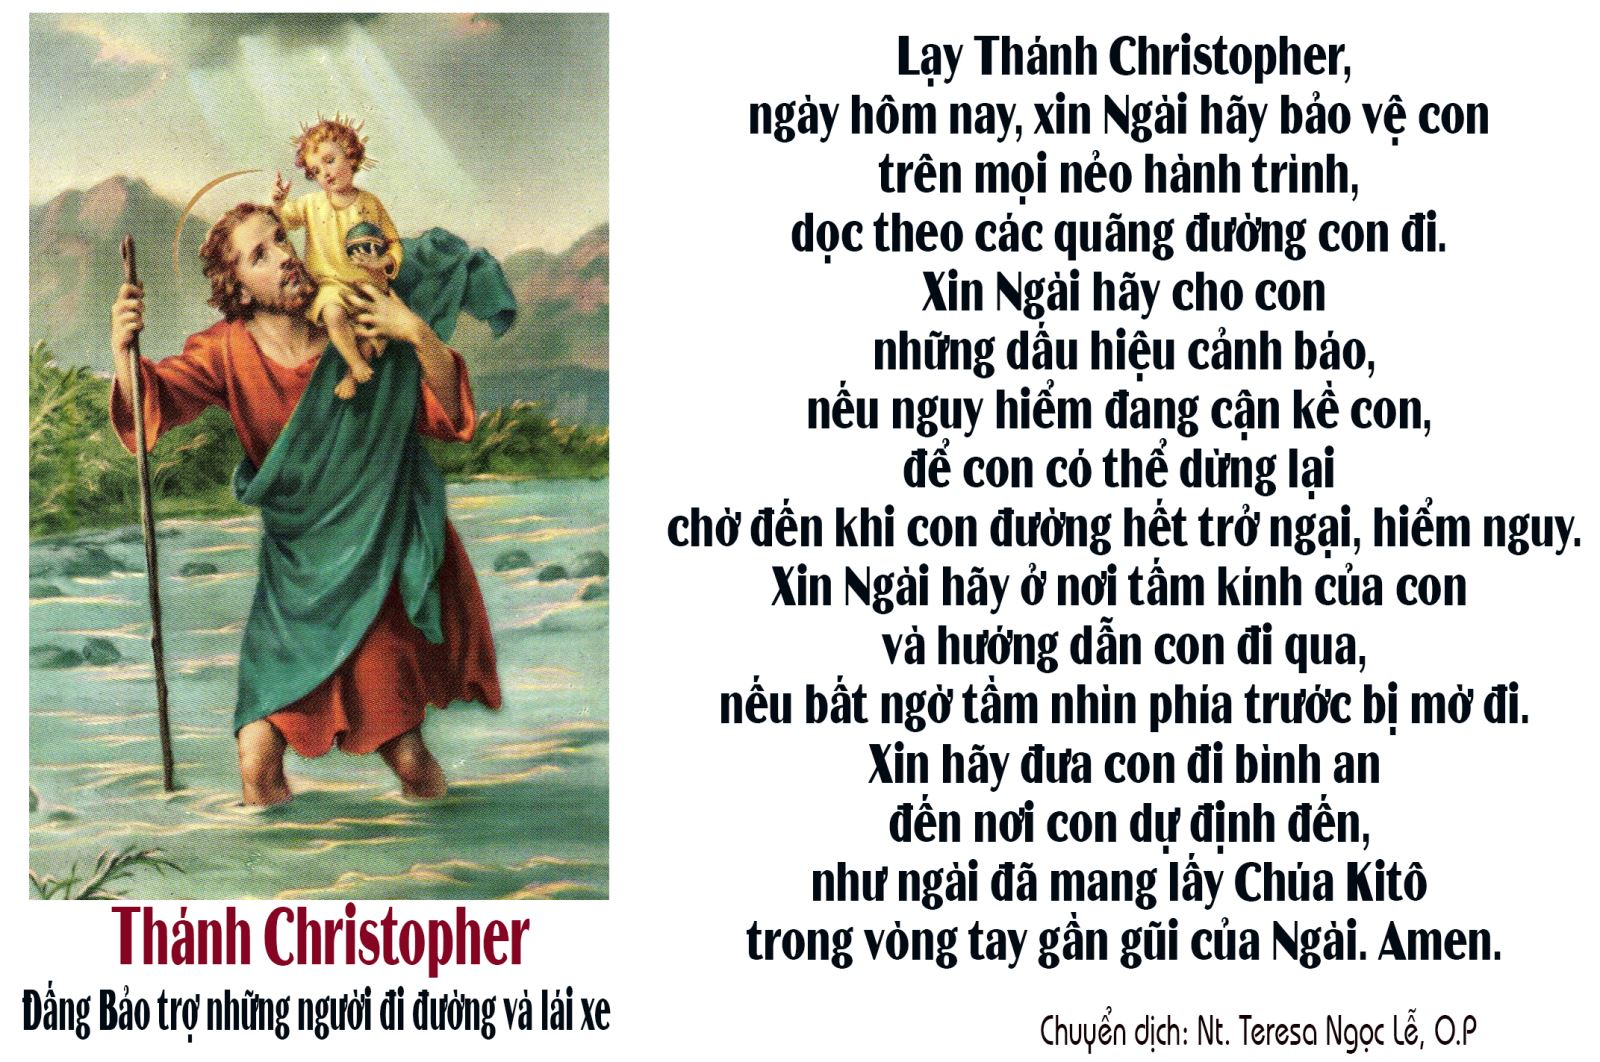 Xin ơn bảo vệ, chở che Gia đình bạn trong khi đi đường bằng lời cầu nguyện này với Thánh Christopher.